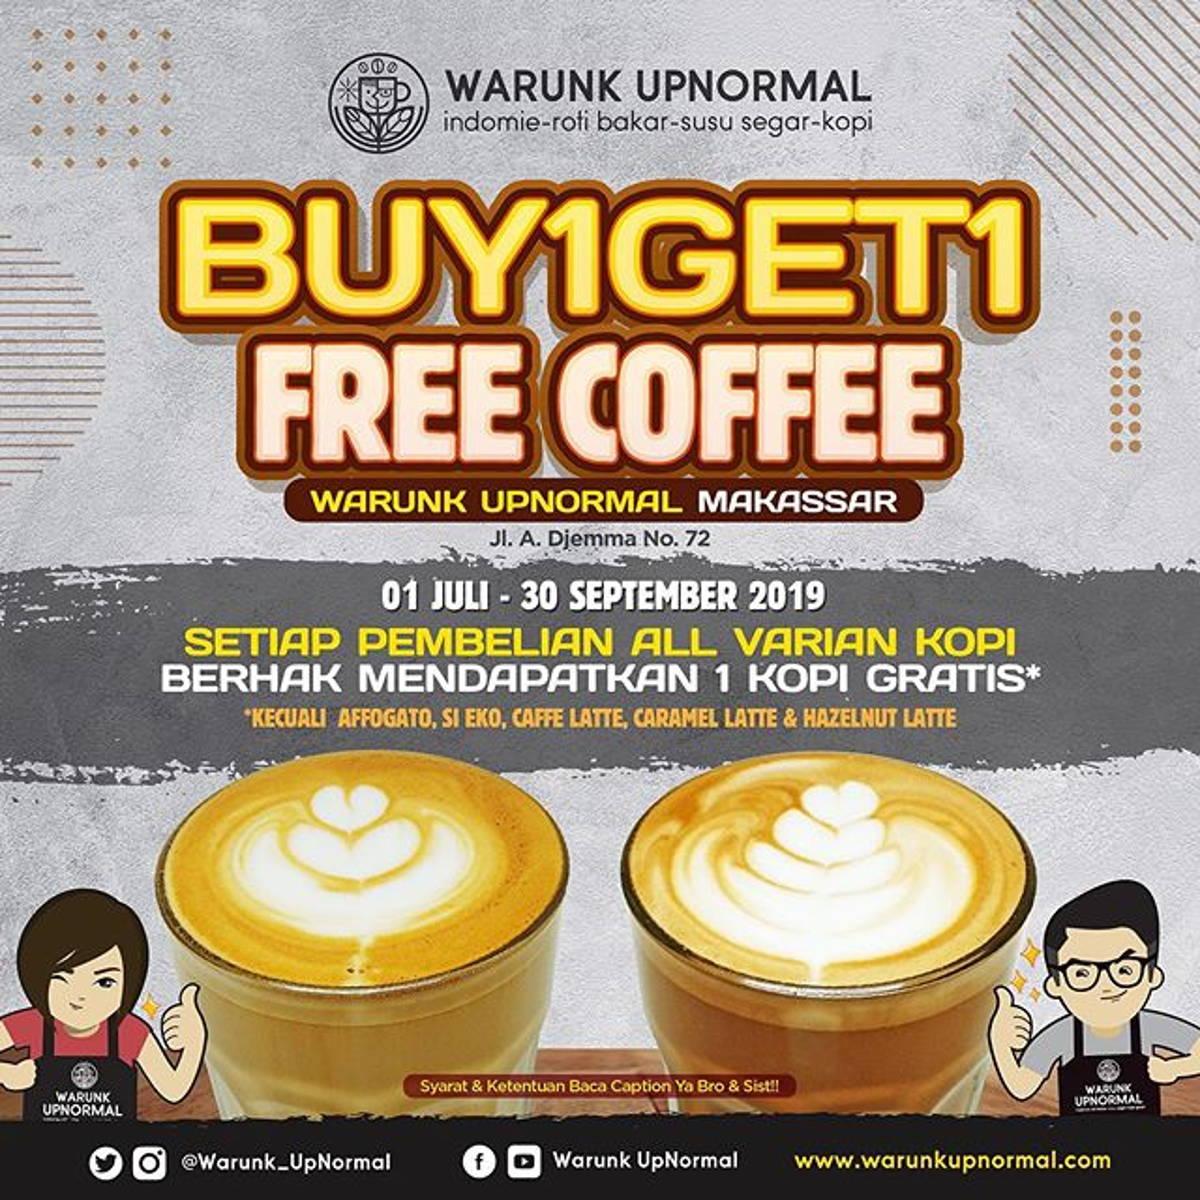 Katalog Promo: Warunk Upnormal Makassar: Promo BUY 1 GET 1 FREE Coffee - 1